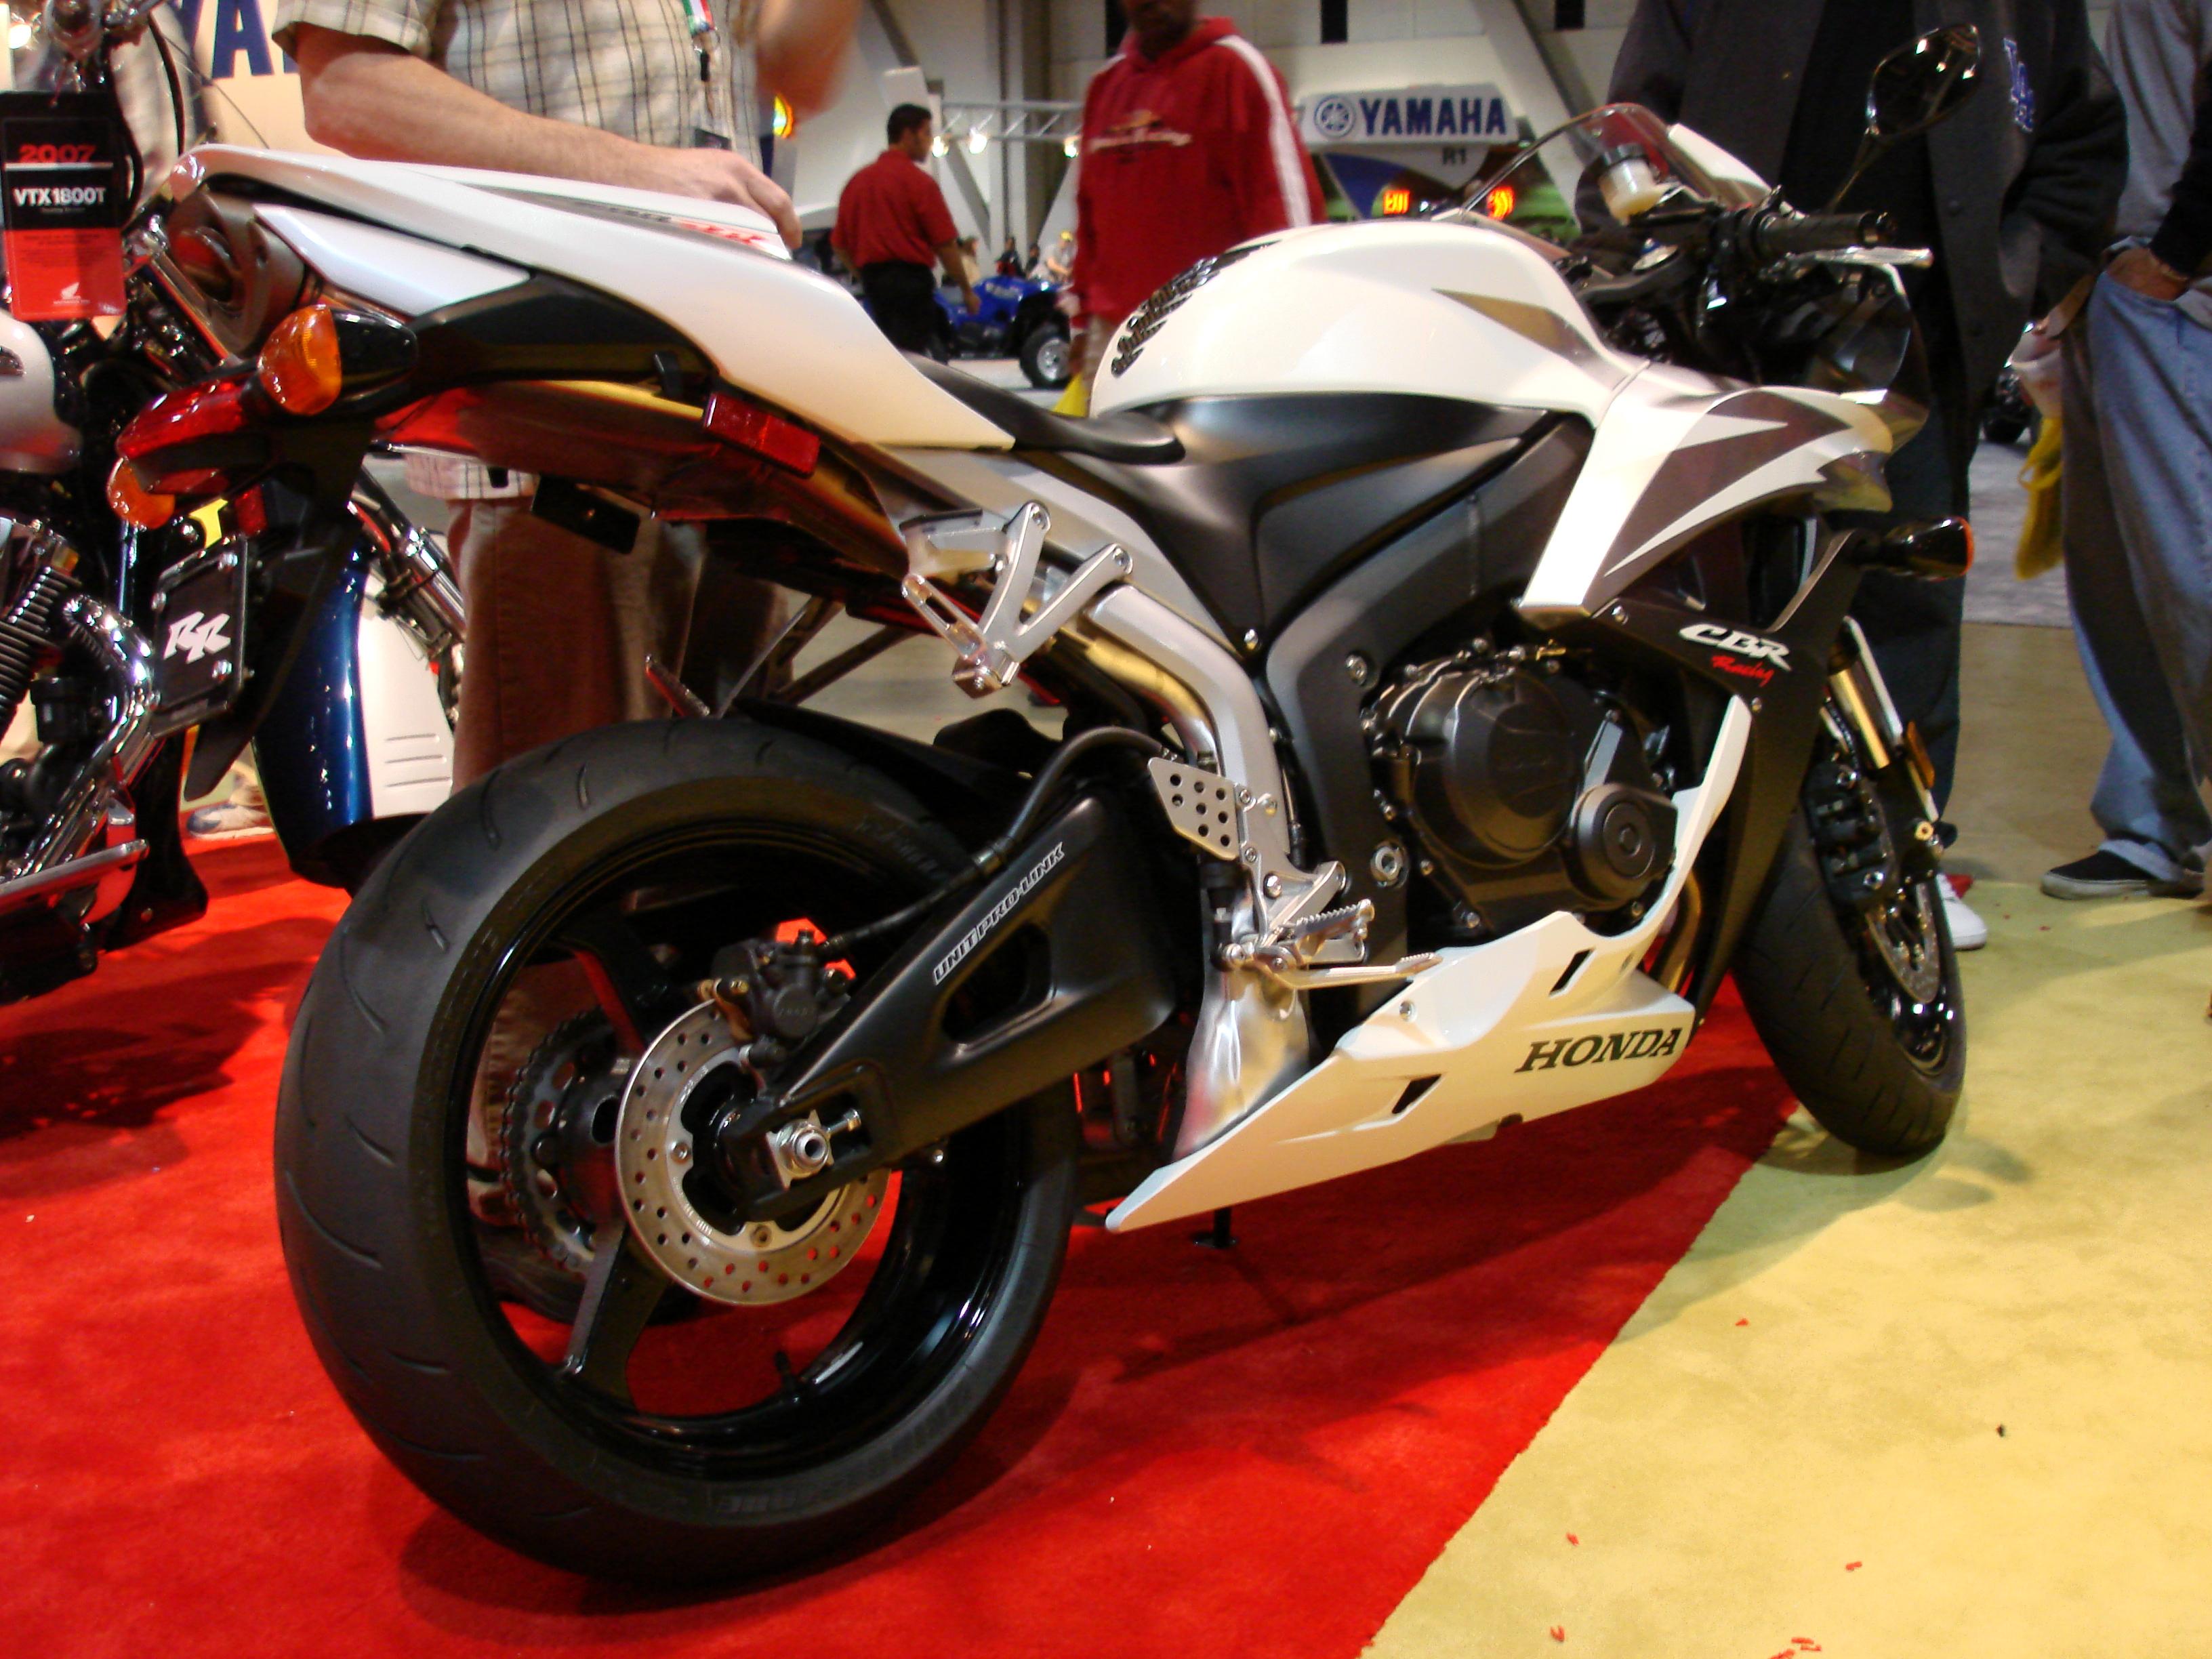 HONDA CBR 600 white